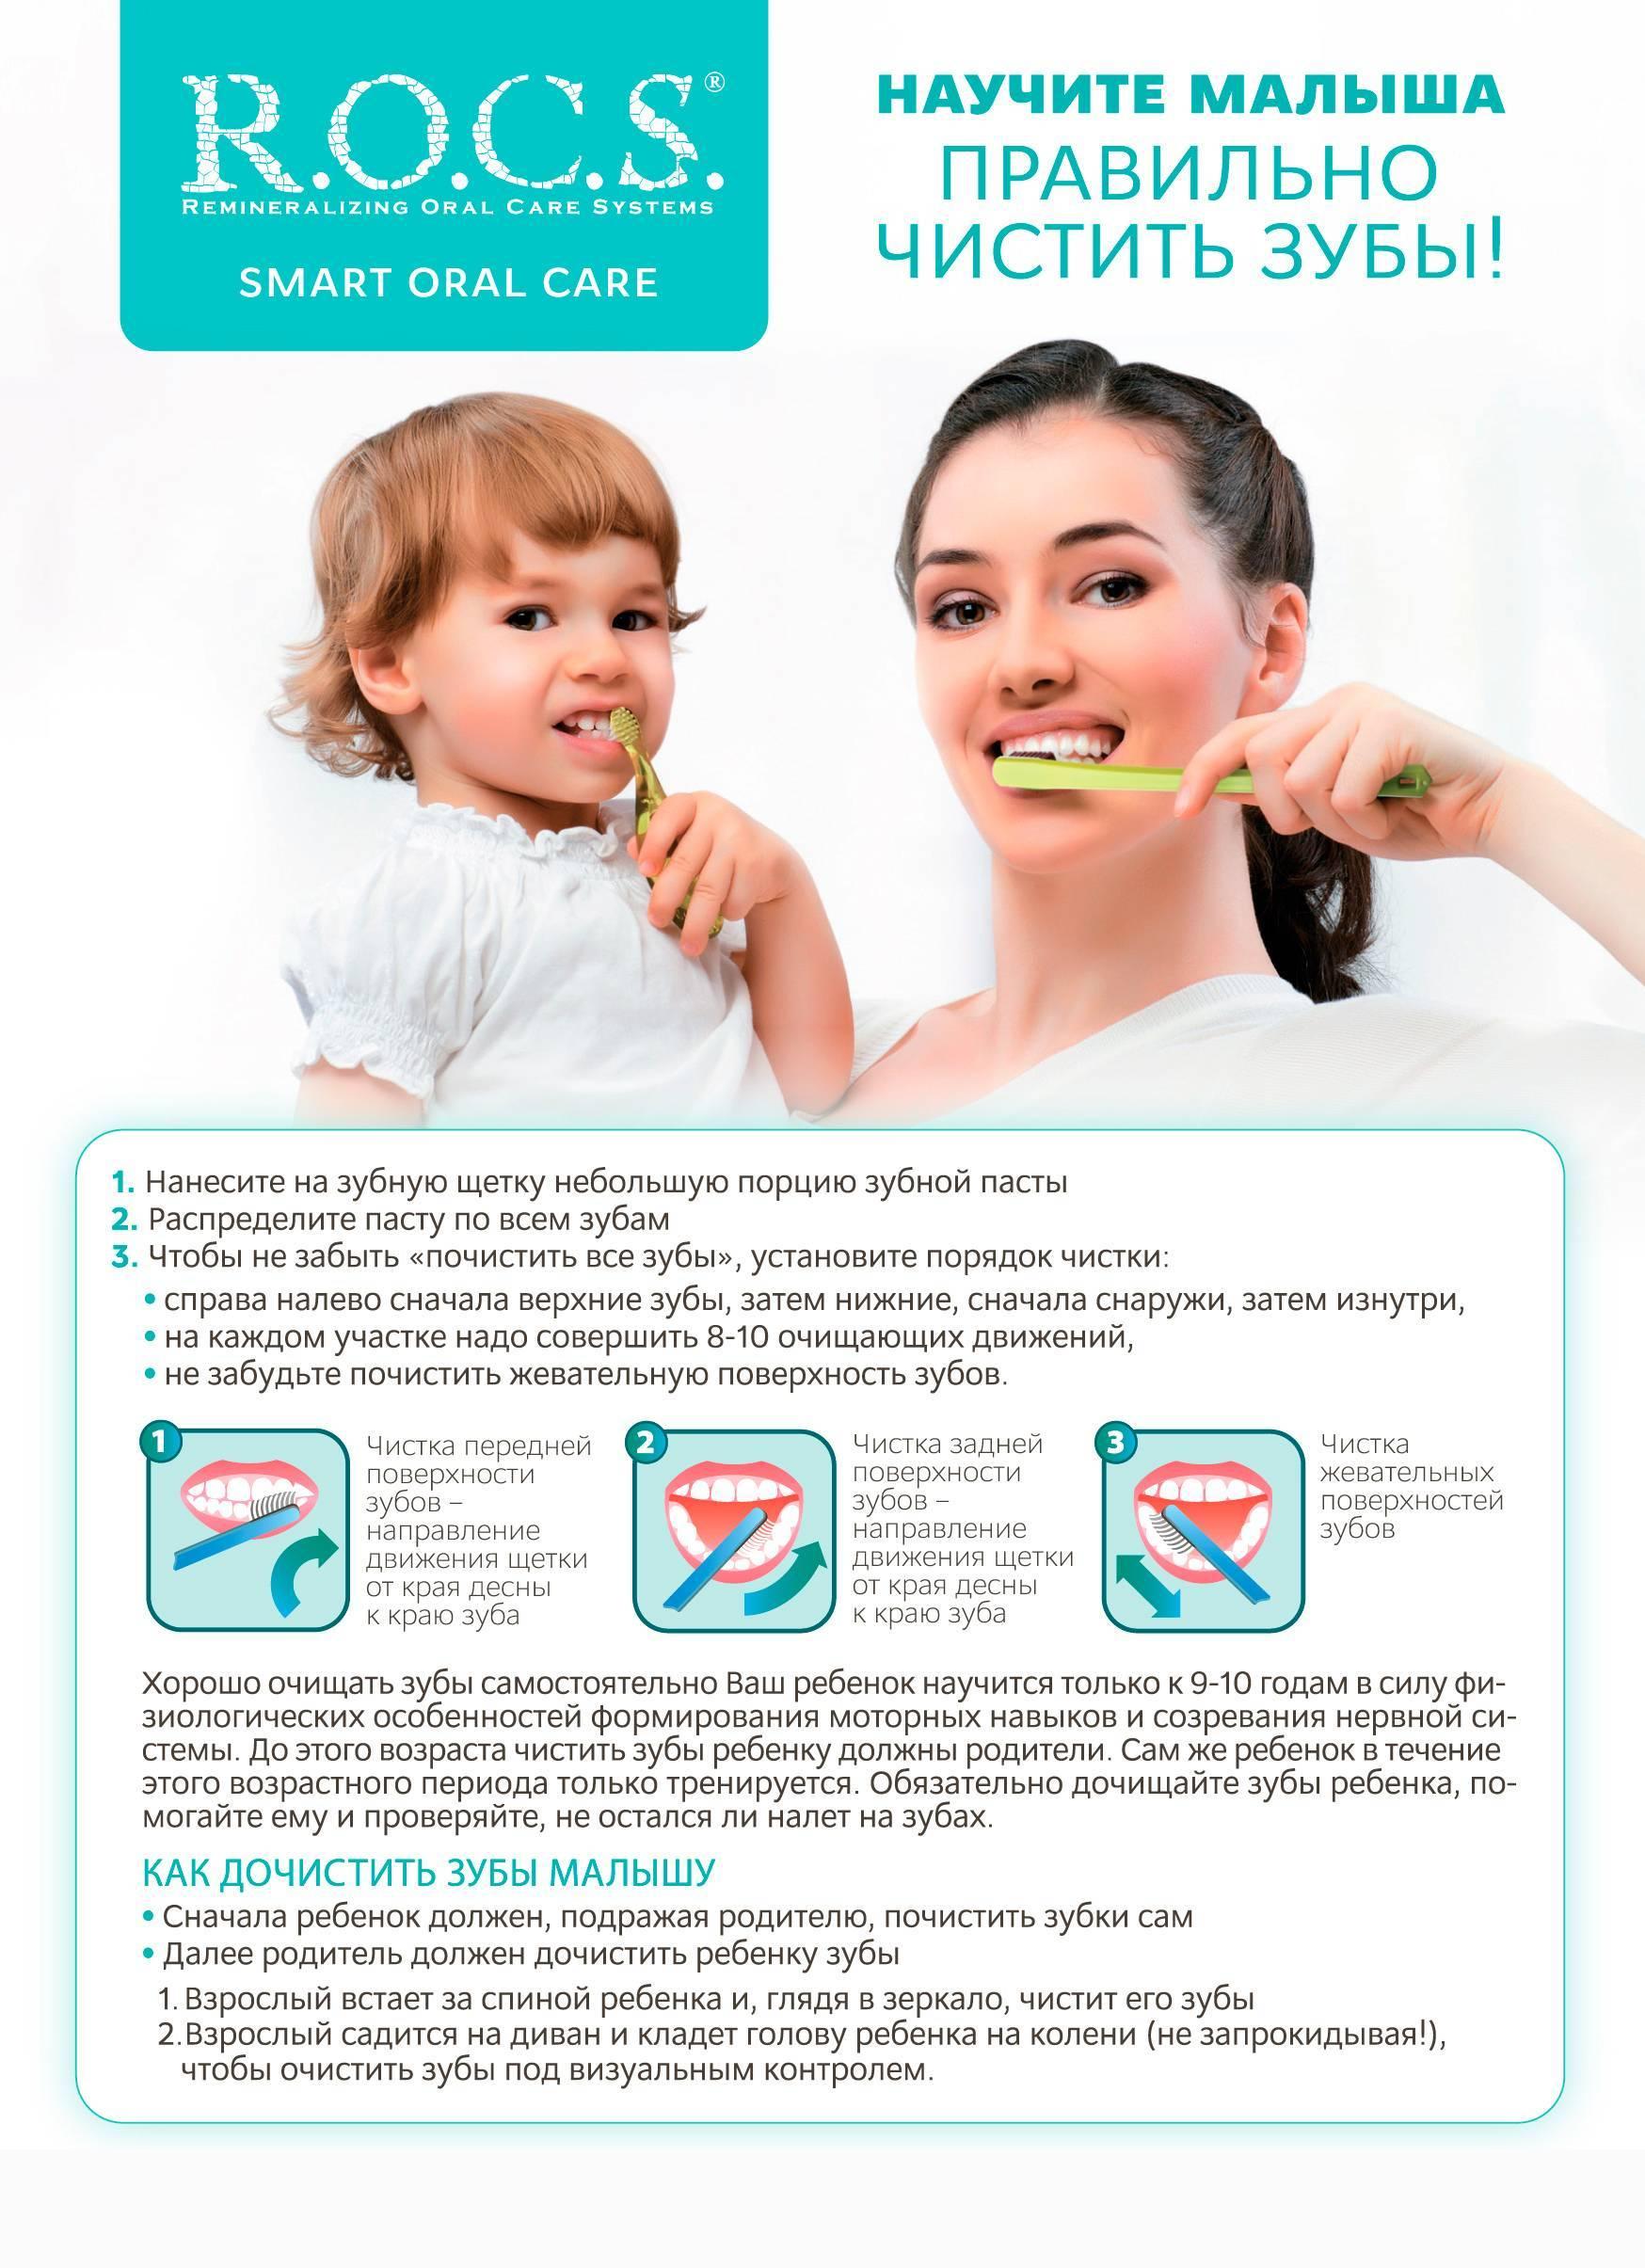 Профессиональная чистка зубов детям: с какого возраста делать и зачем?